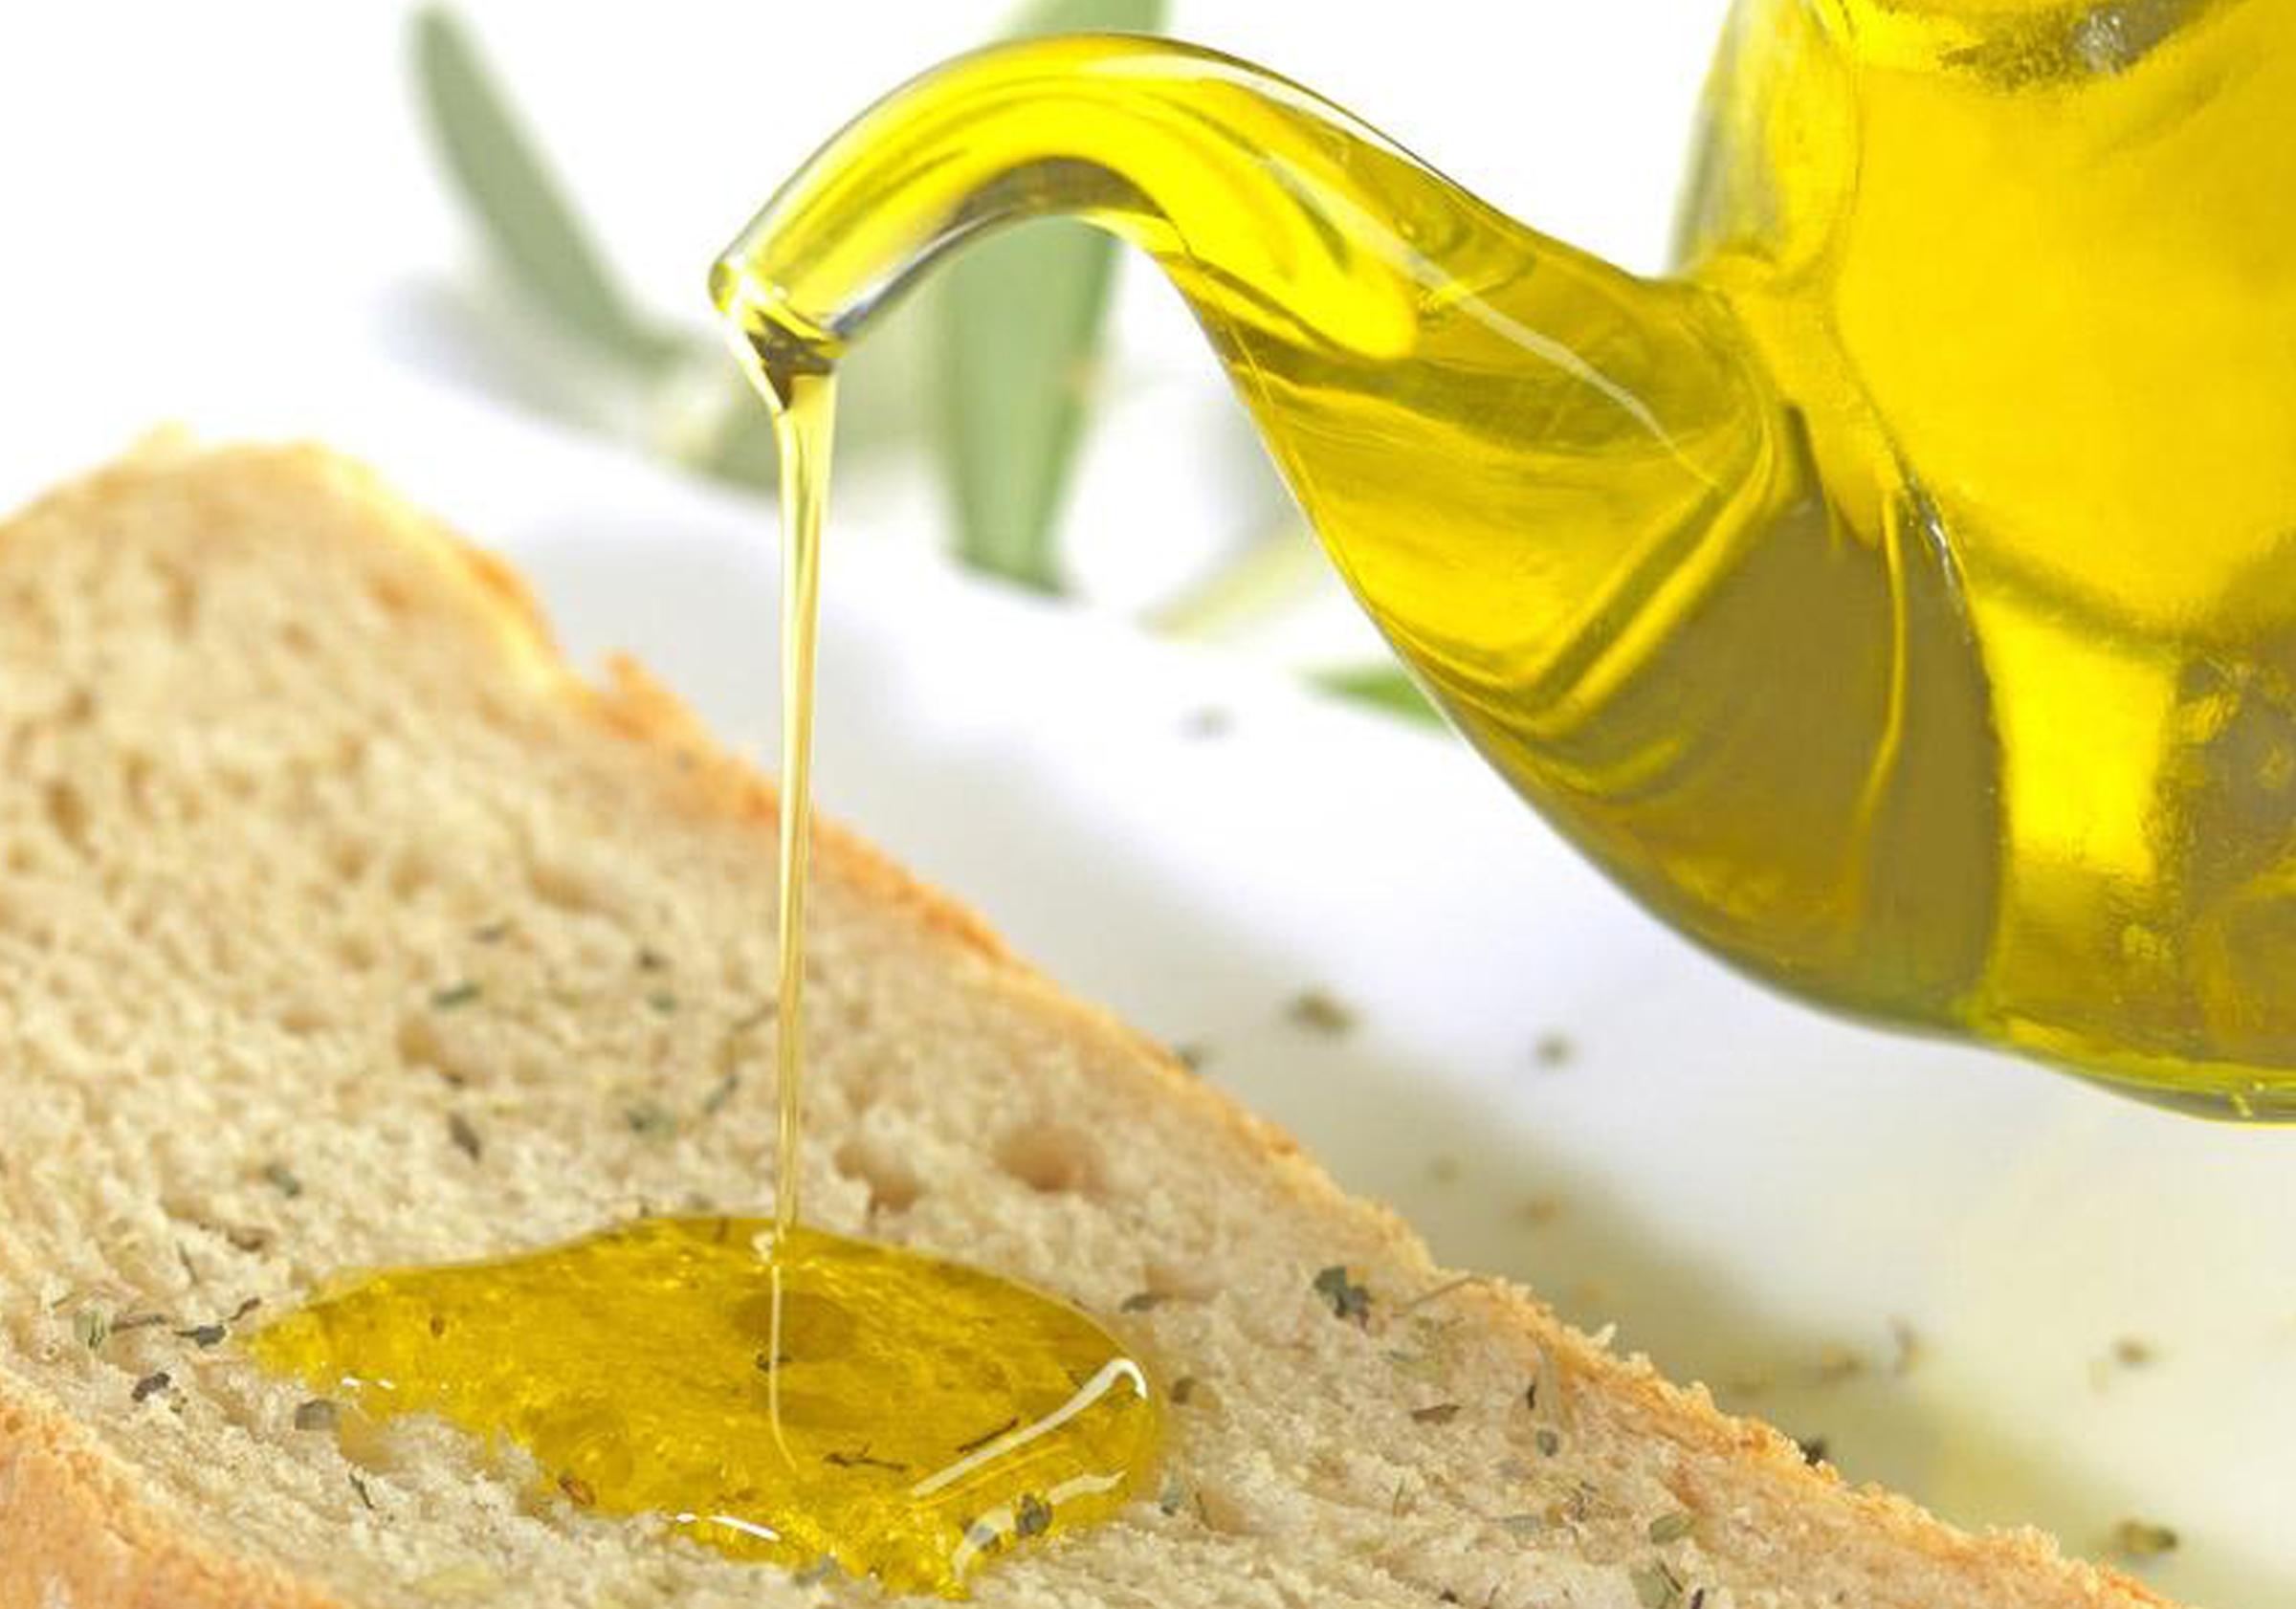 Un cucchiaio di olio di oliva la mattina: i benefici